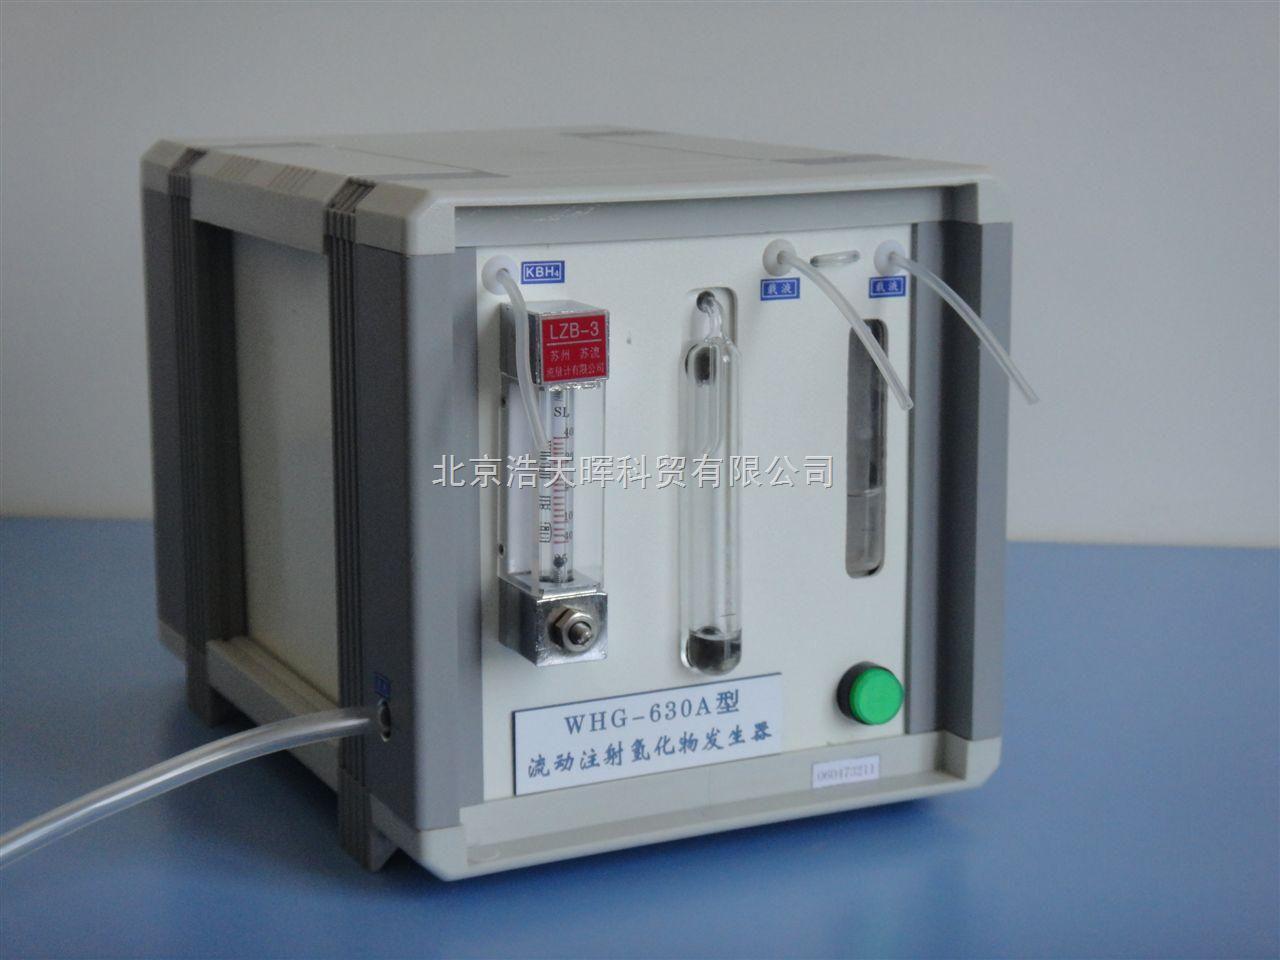 流动注射氢化物发生器(WHG-630A型)